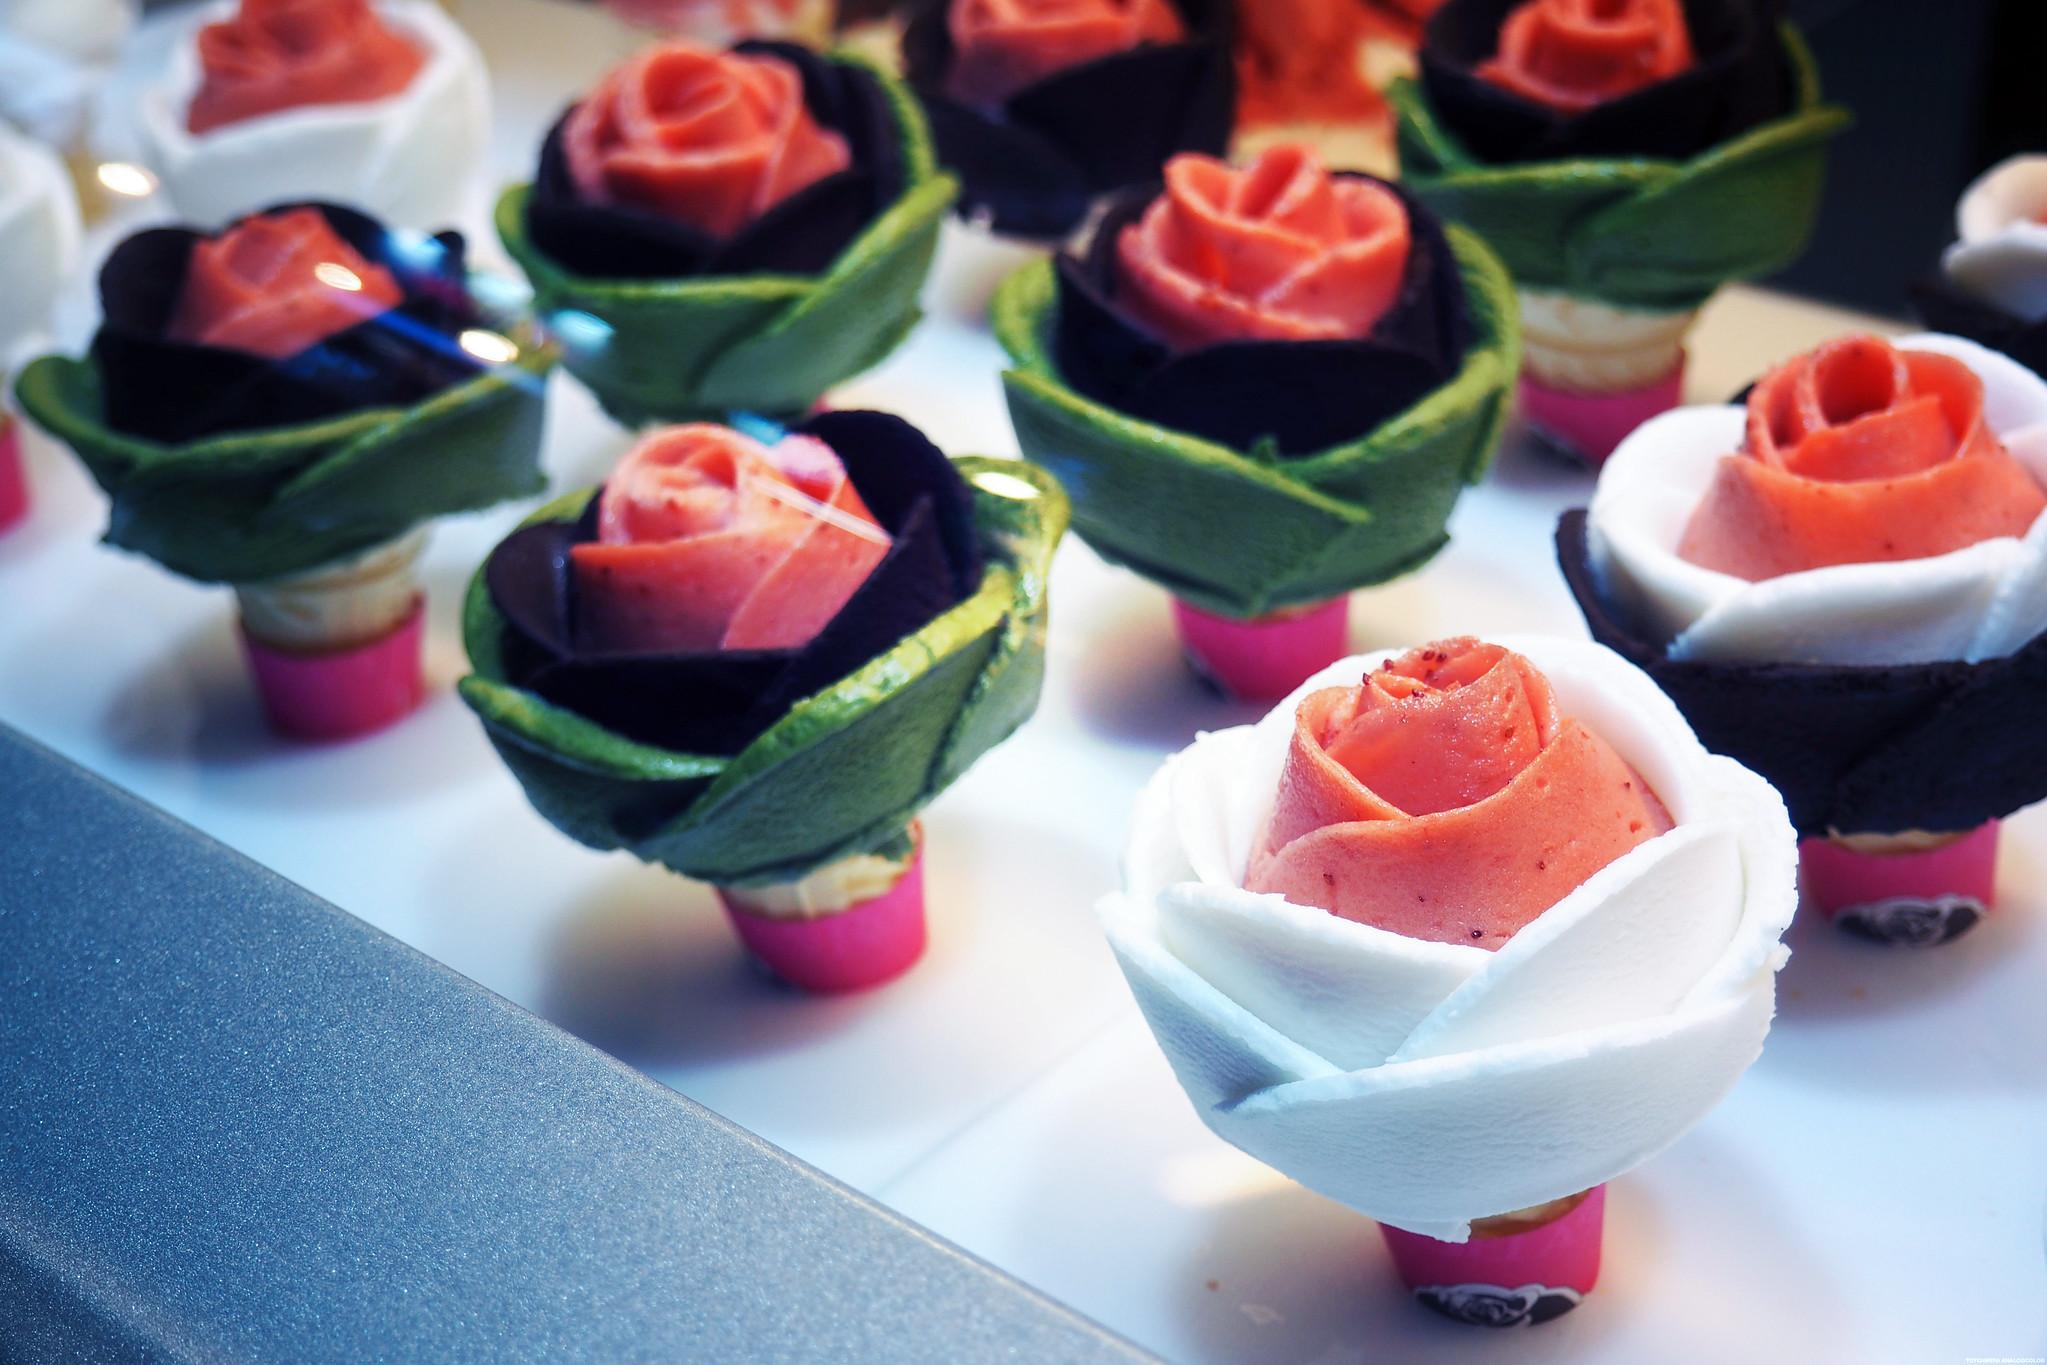 Rose shaped Gelato Ice Cream Myeongdong Streetfood_effected